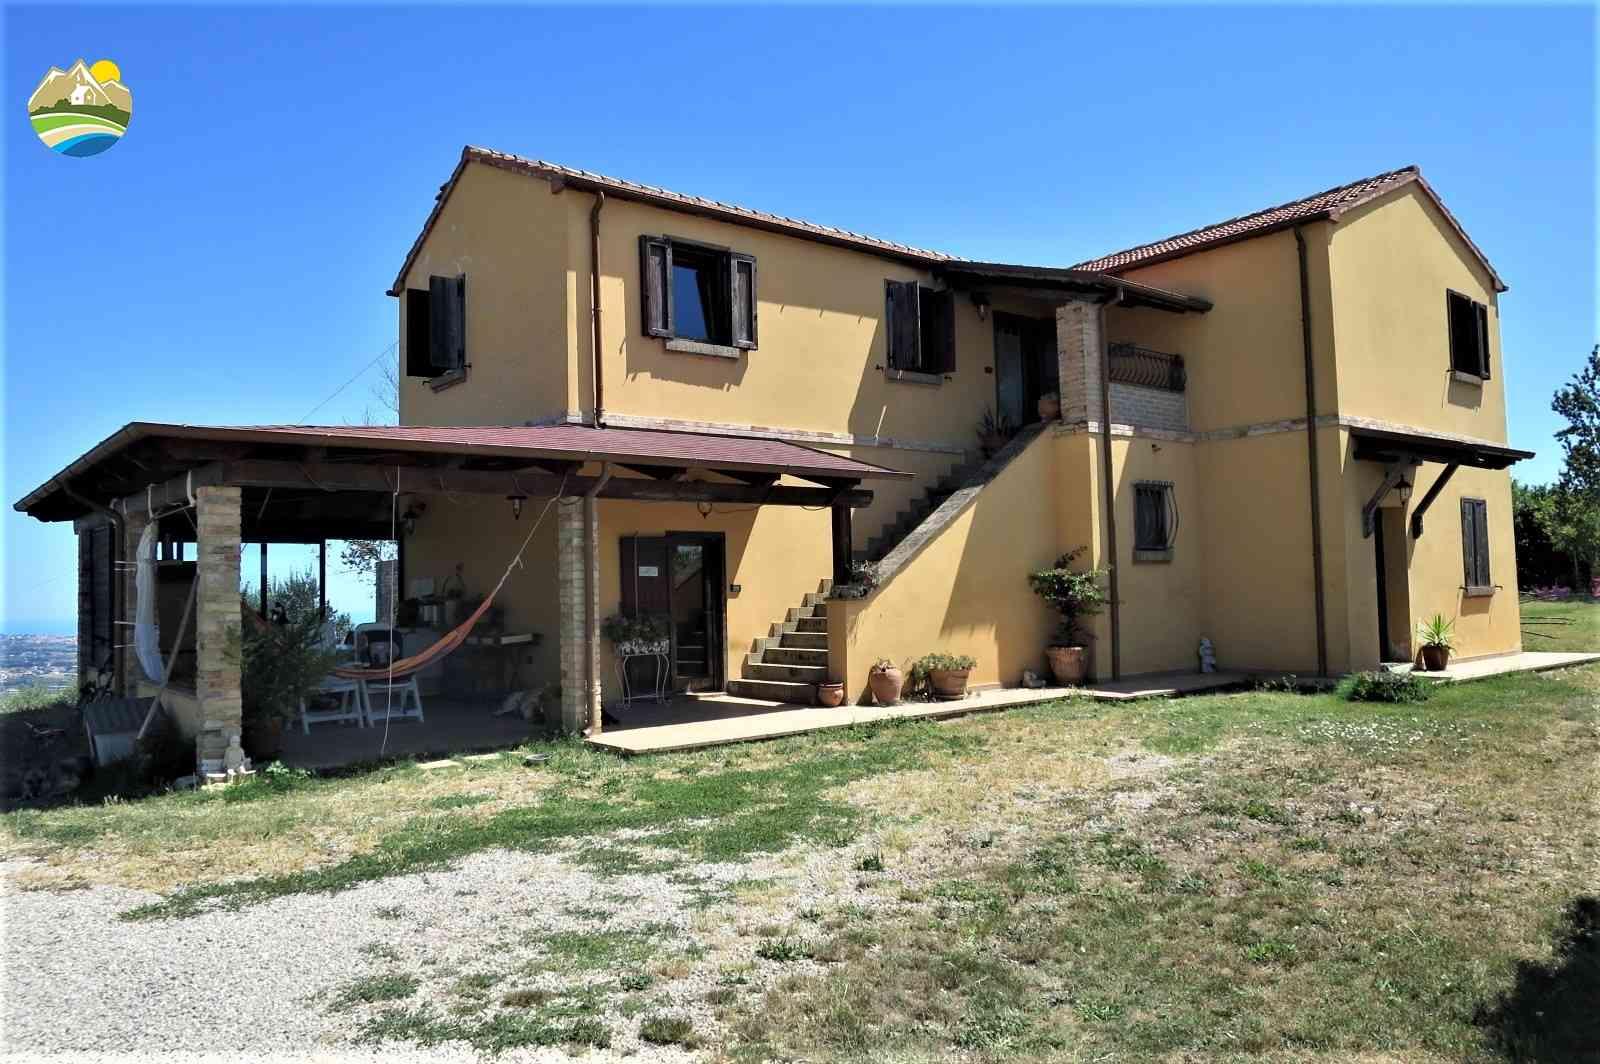 Casa di campagna Casa del Moro - Morro D'Oro - EUR 332.542